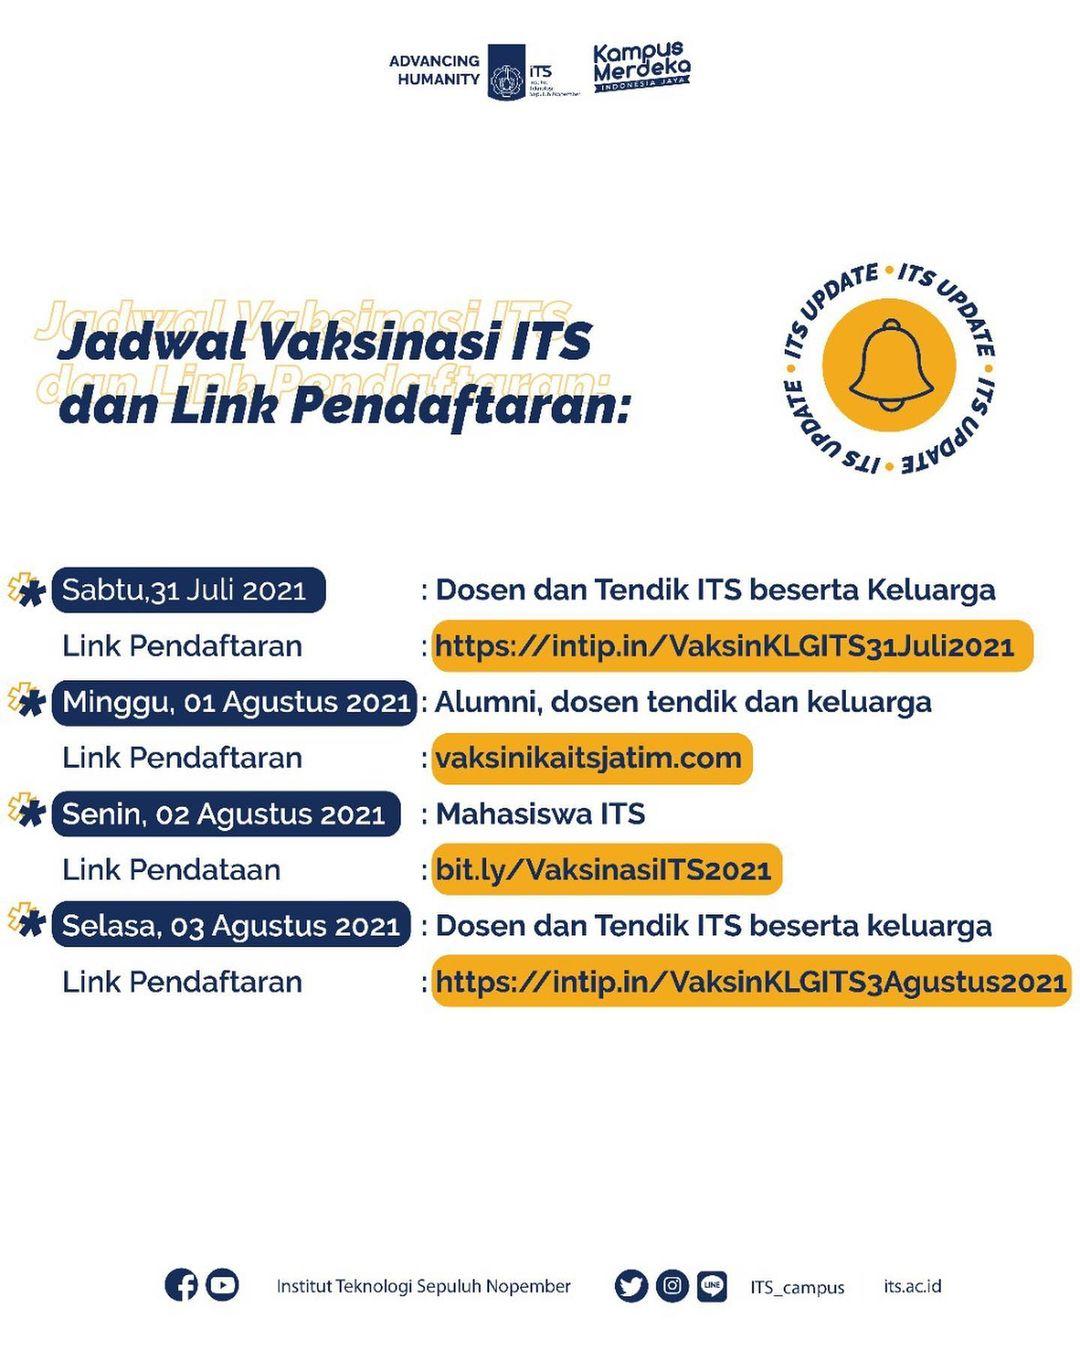 Jadwal Vaksinasi ITS dan Link Pendaftaran